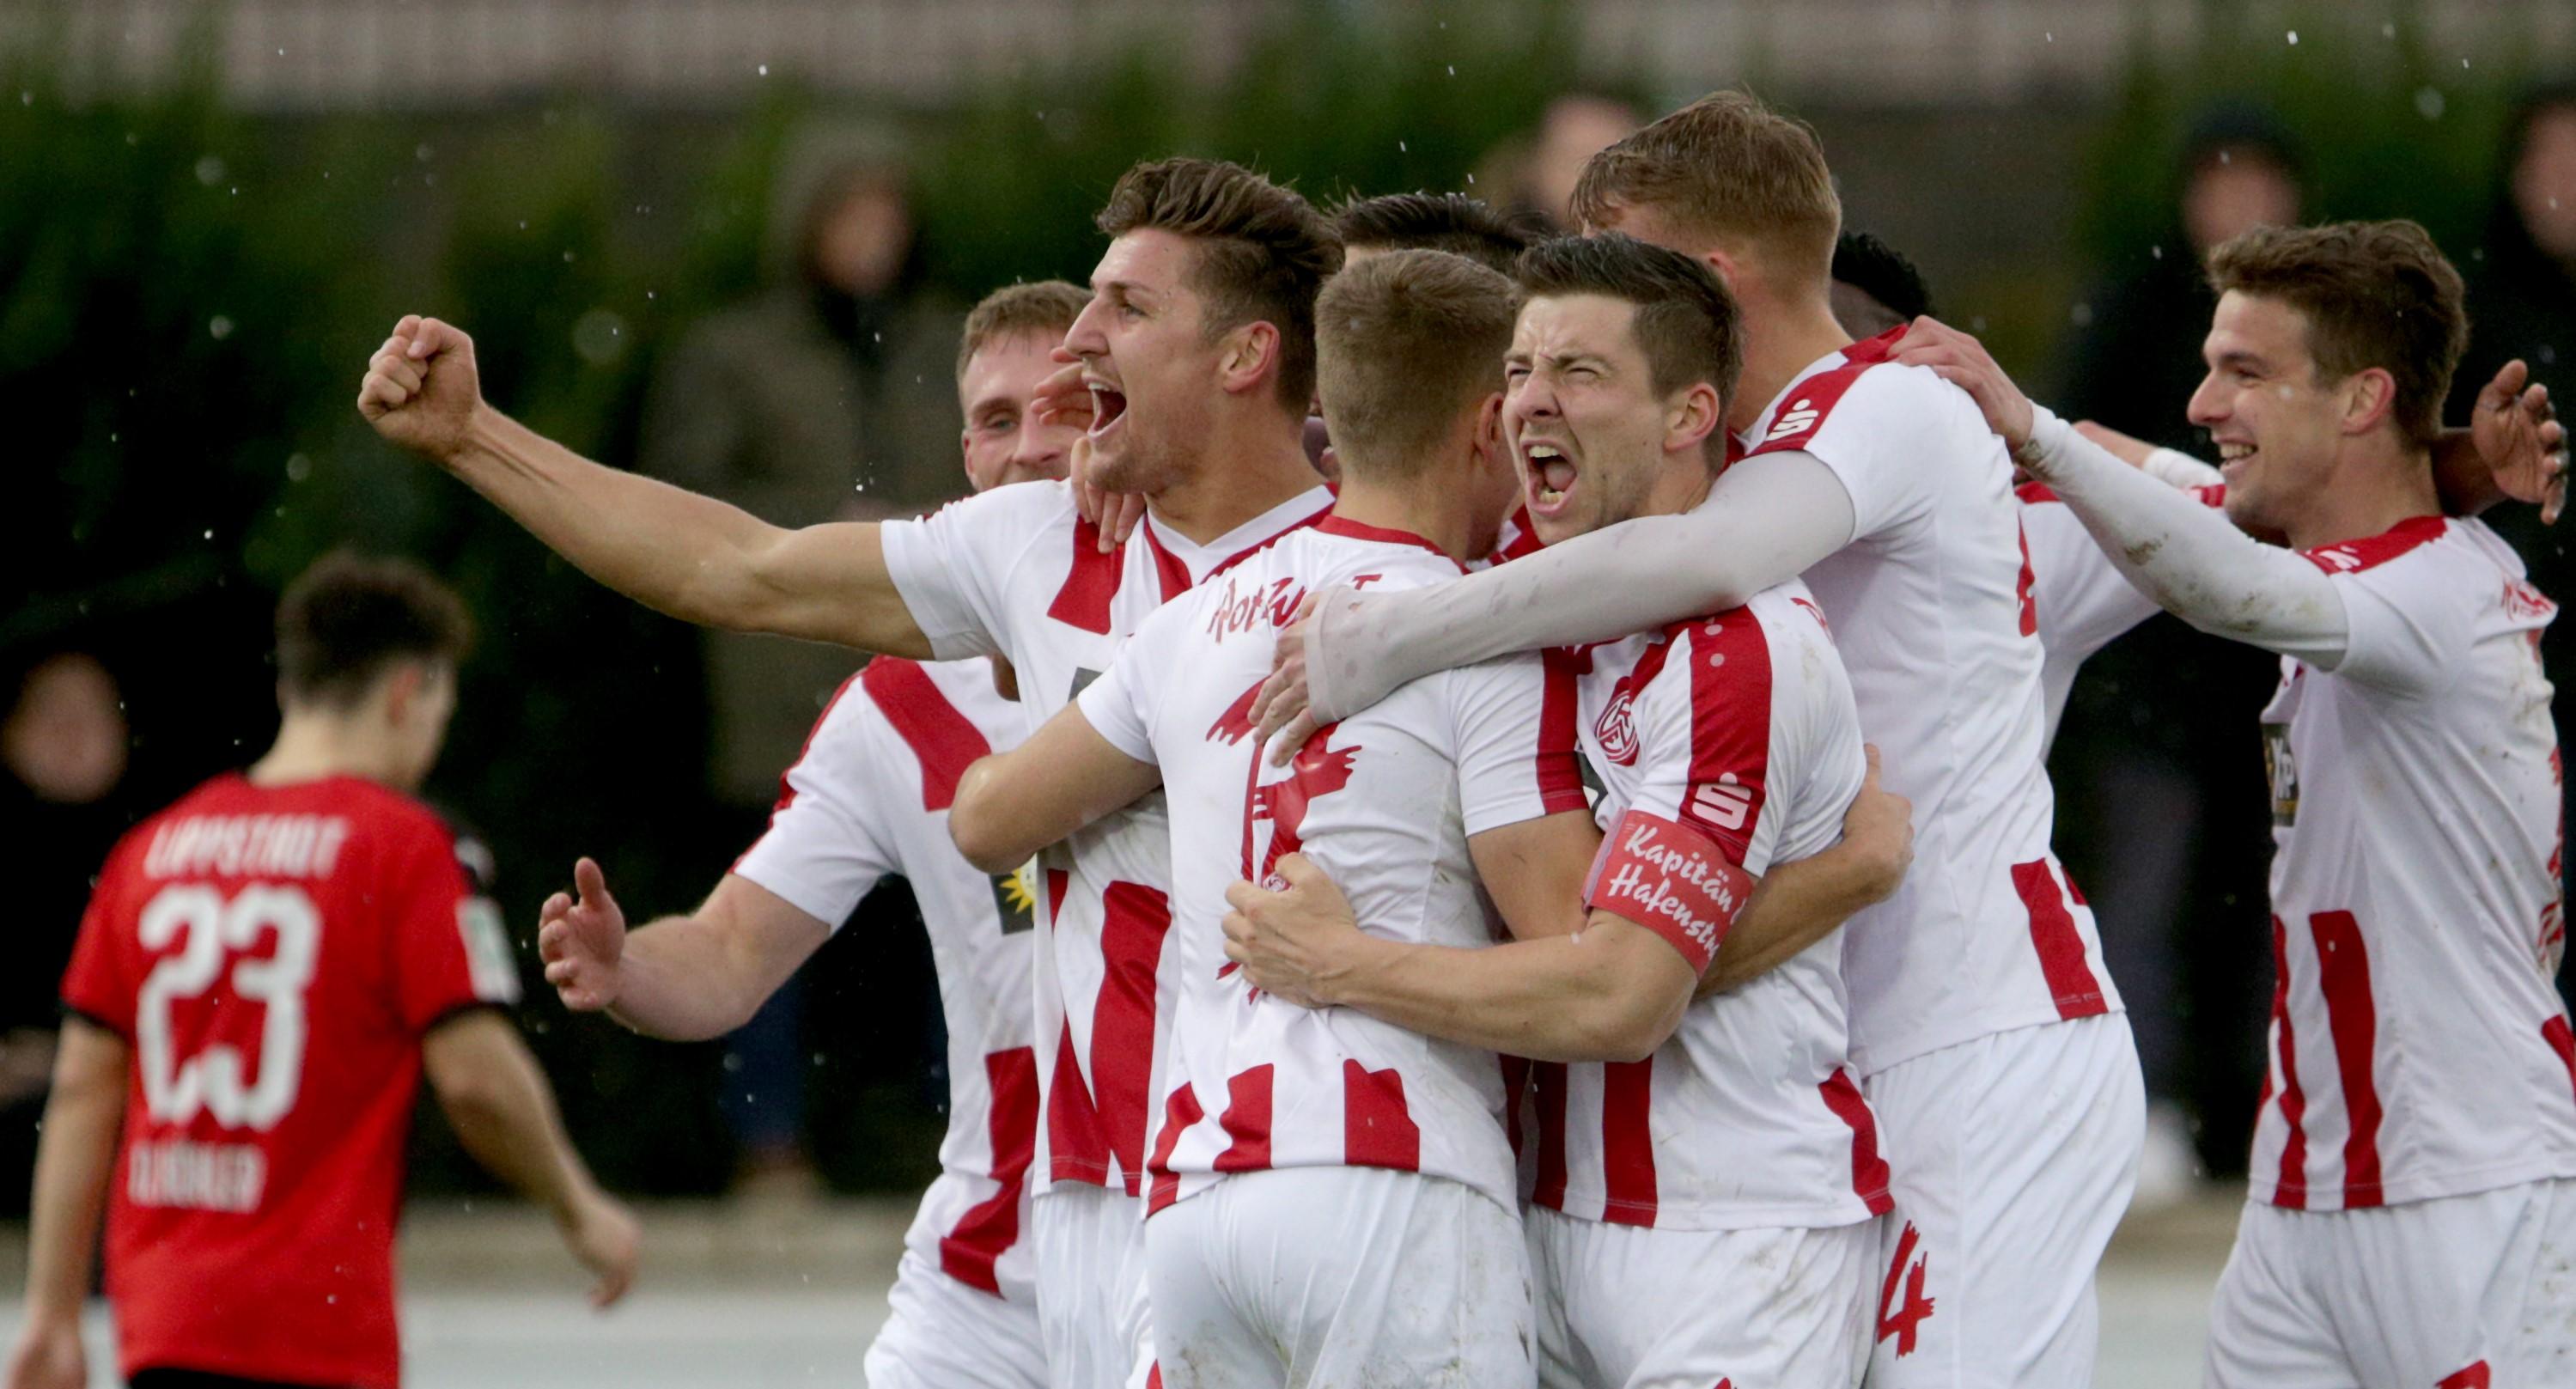 Starker Auftritt! Mit 3:0 schlugen die Rot-Weissen heute den SV Lippstadt. (Foto: Endberg)